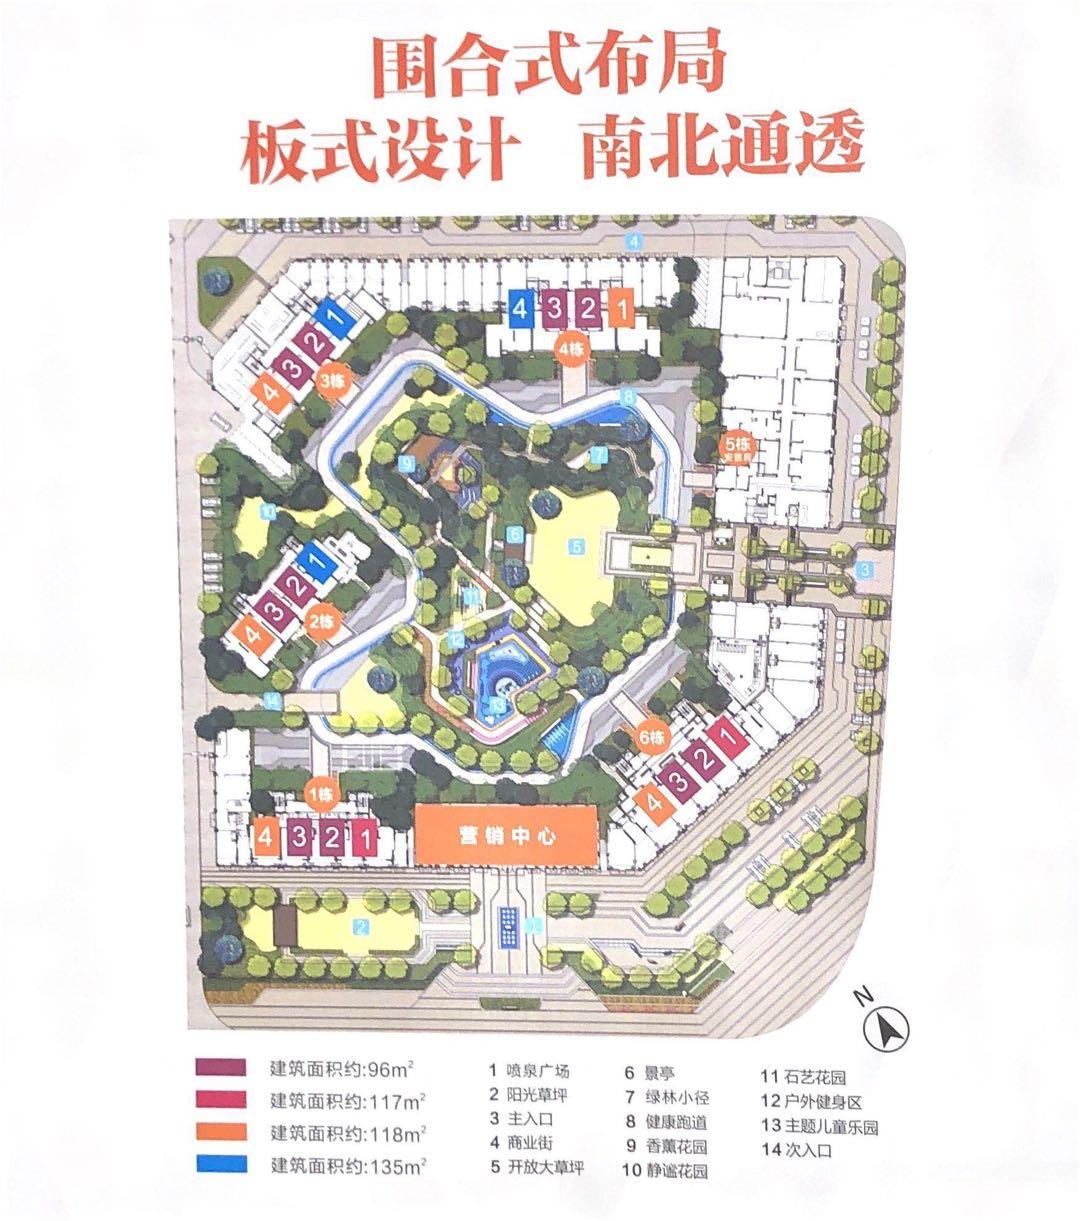 中海阳光玫瑰园户型分布